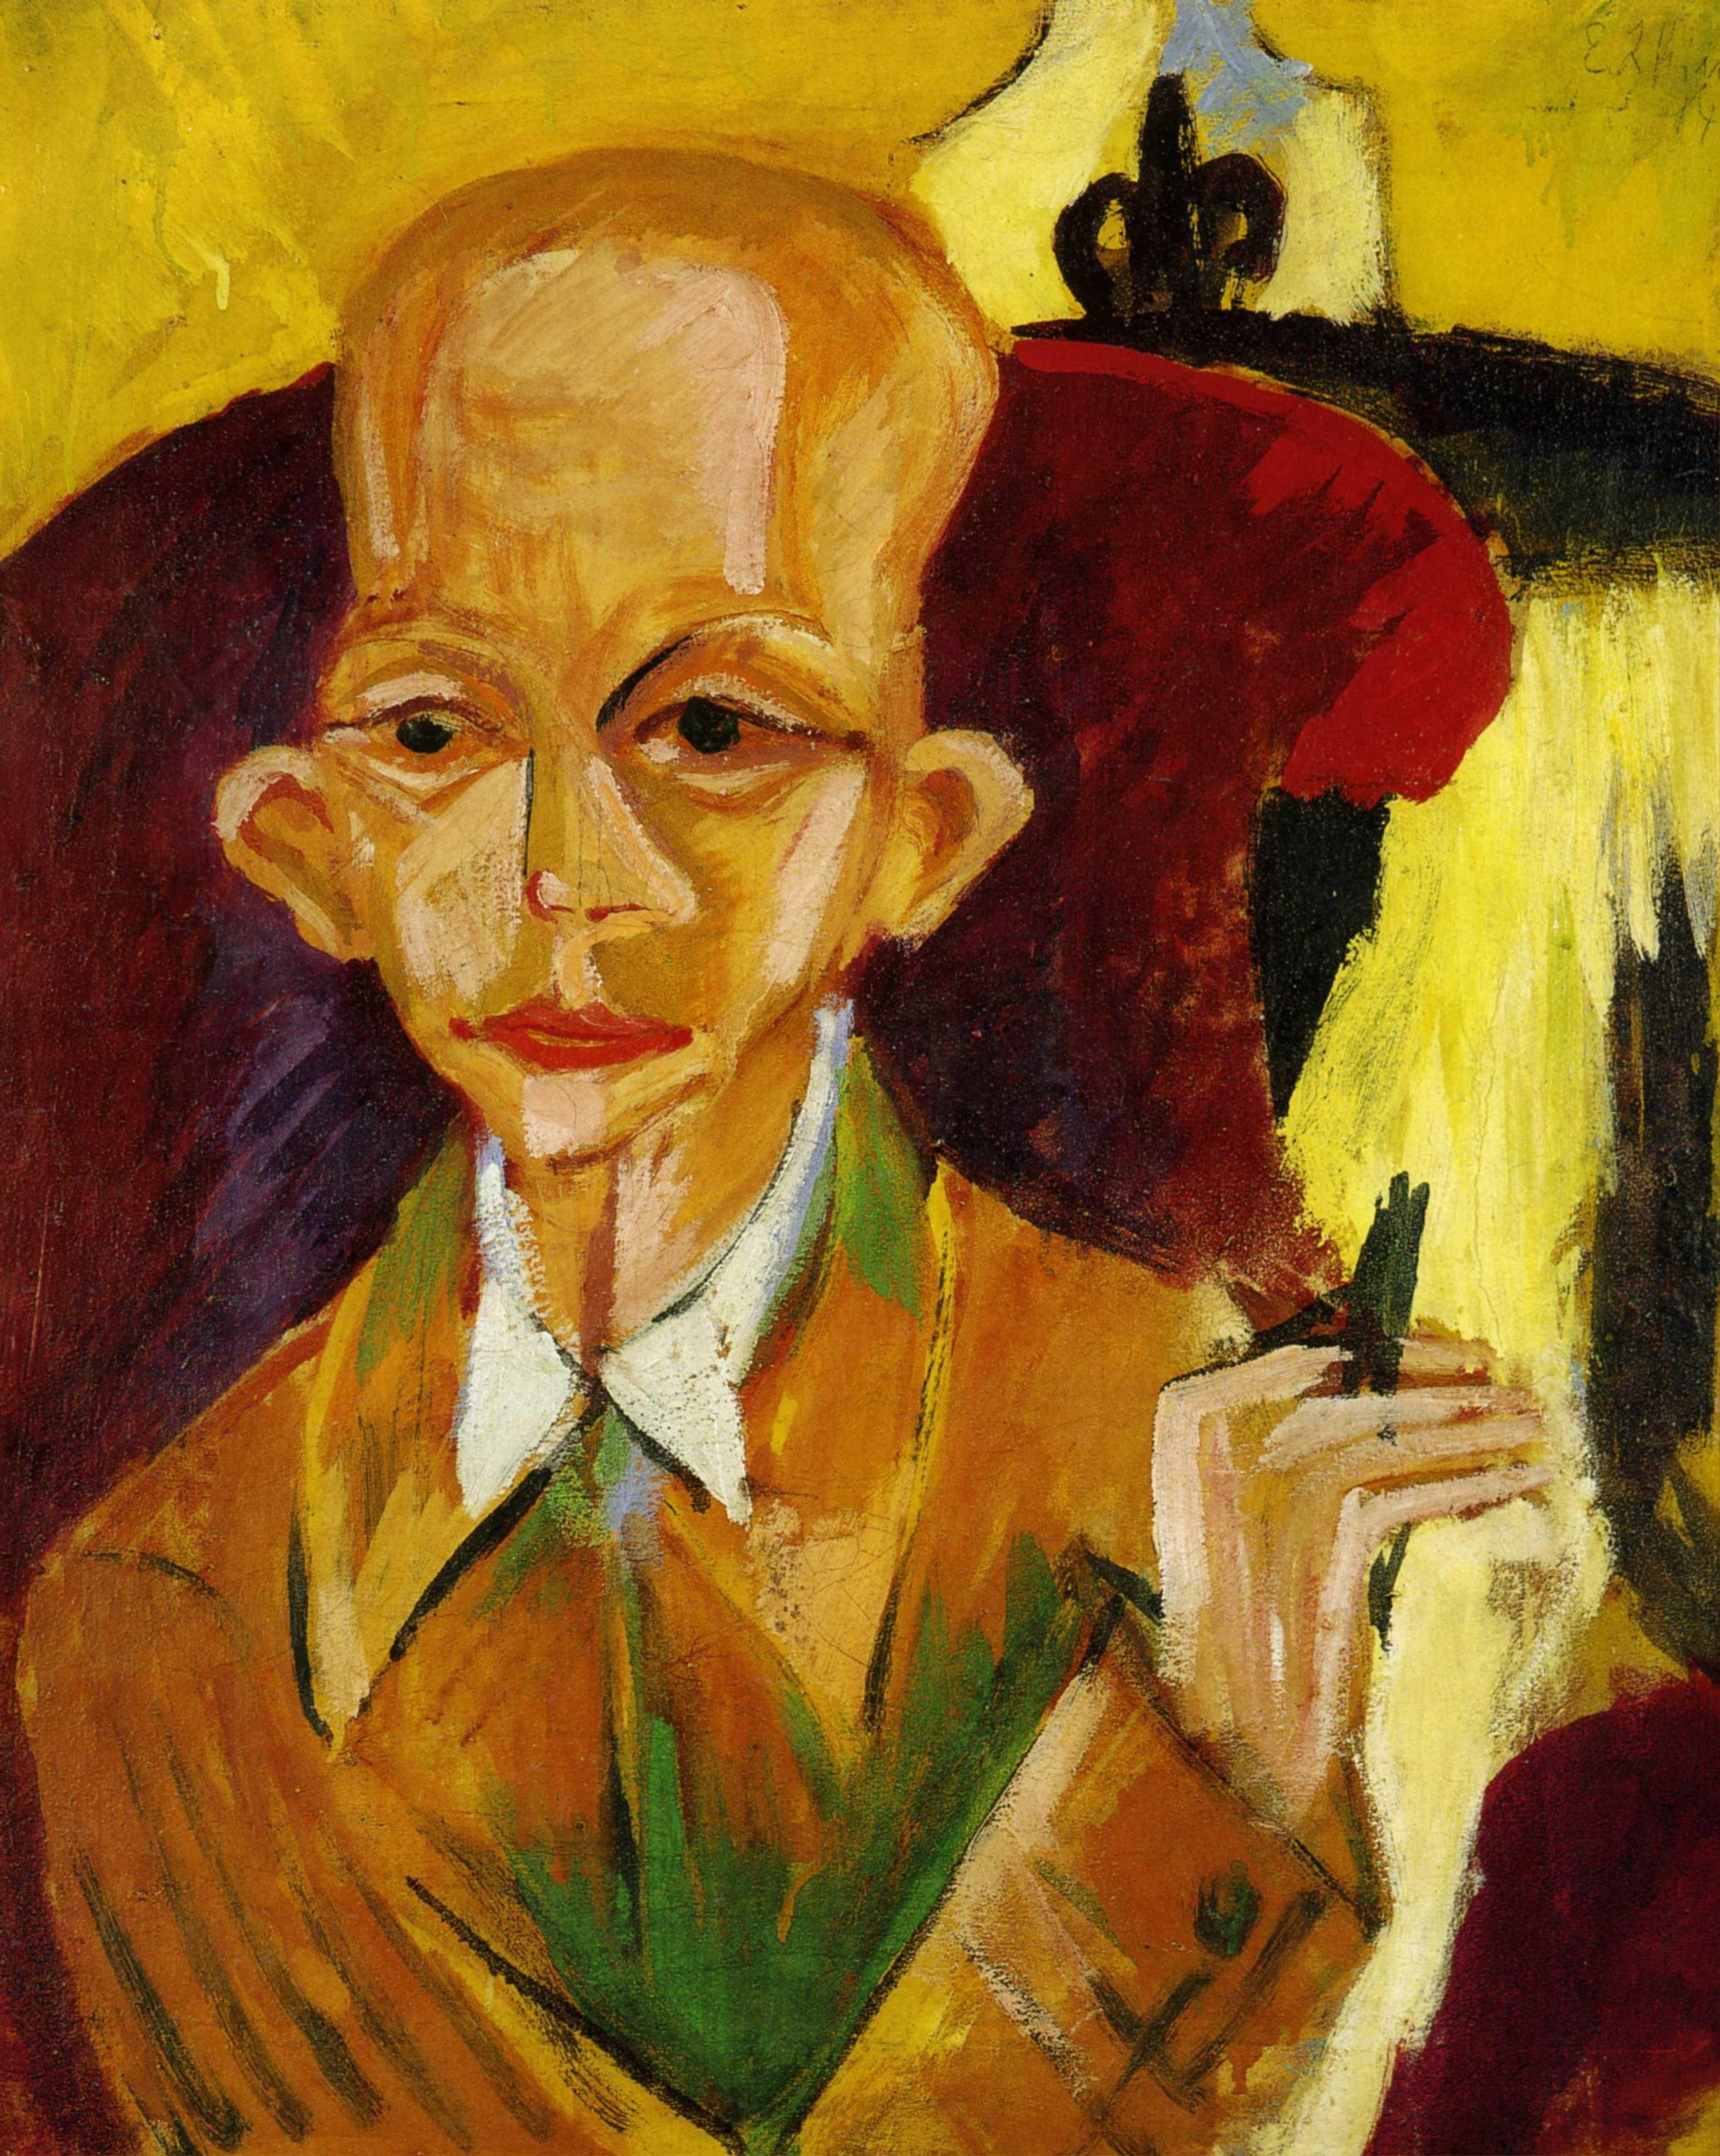 Эрнст Людвиг Кирхнер (1880 — 1938) — немецкий художник, график и скульптор, представитель экспрессионизма. 1914. «Портрет Оскара Шлиммера»